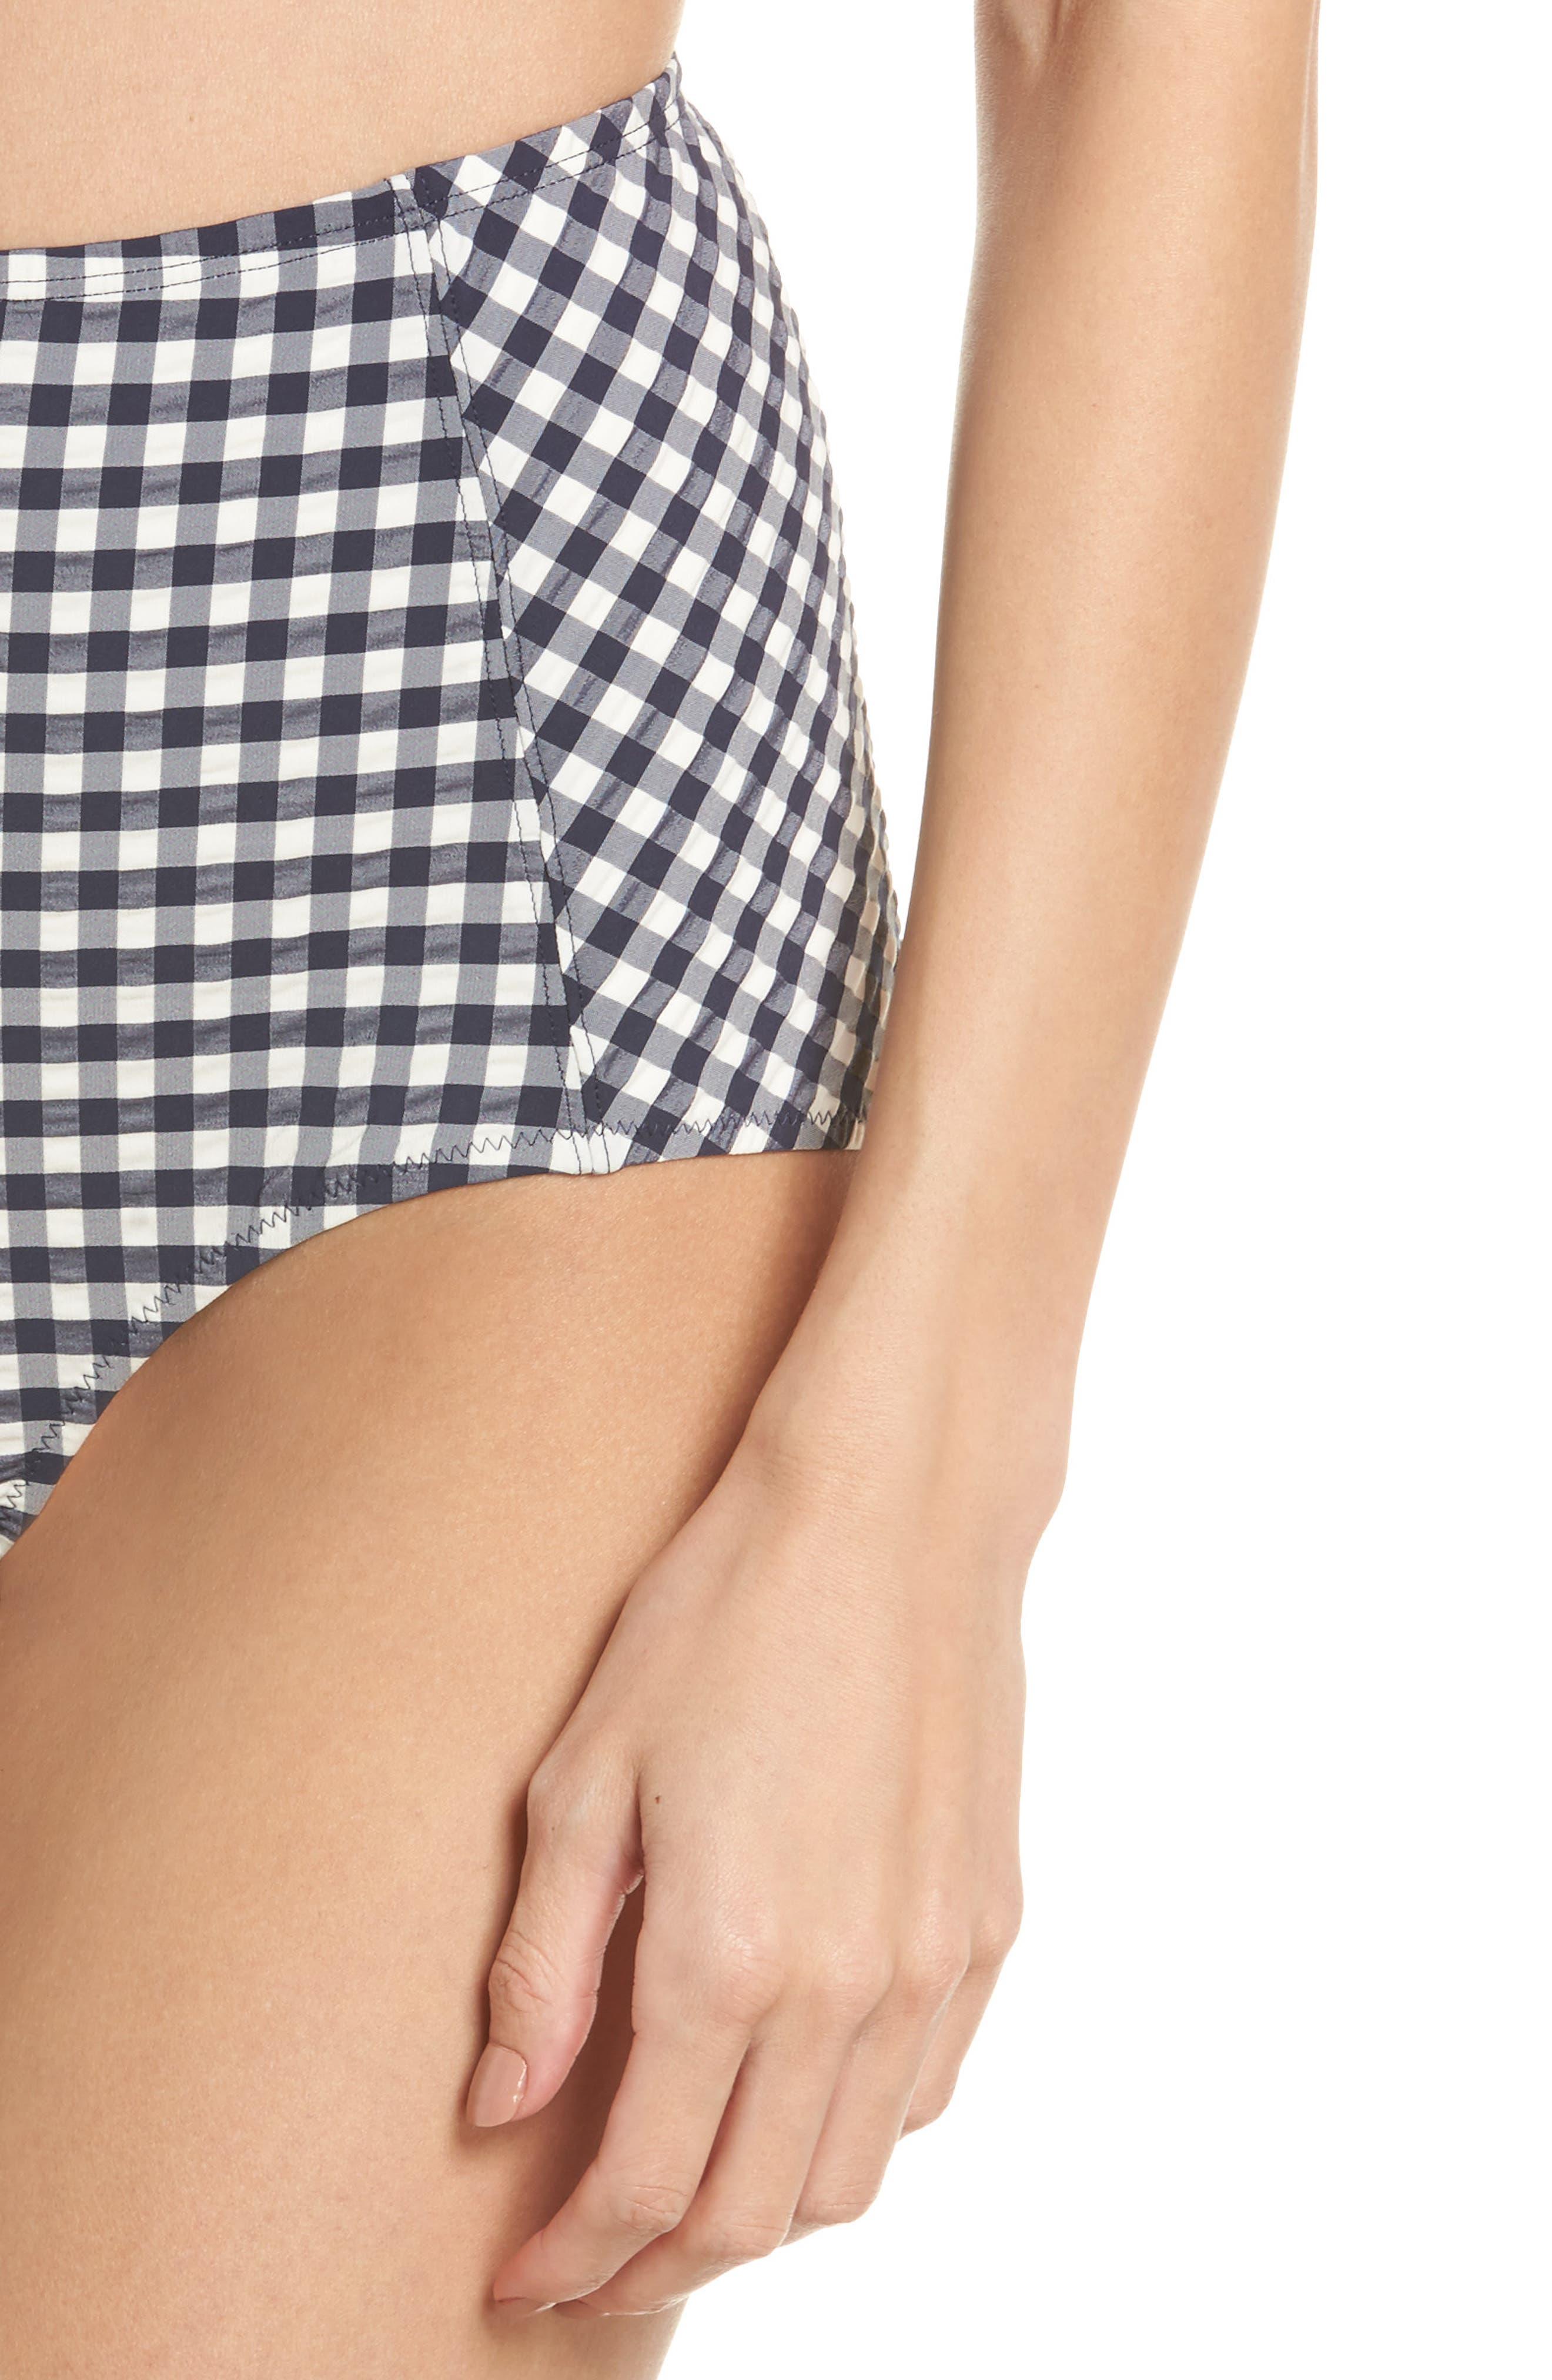 Gingham High Waist Bikini Bottoms,                             Alternate thumbnail 4, color,                             Tory Navy / White